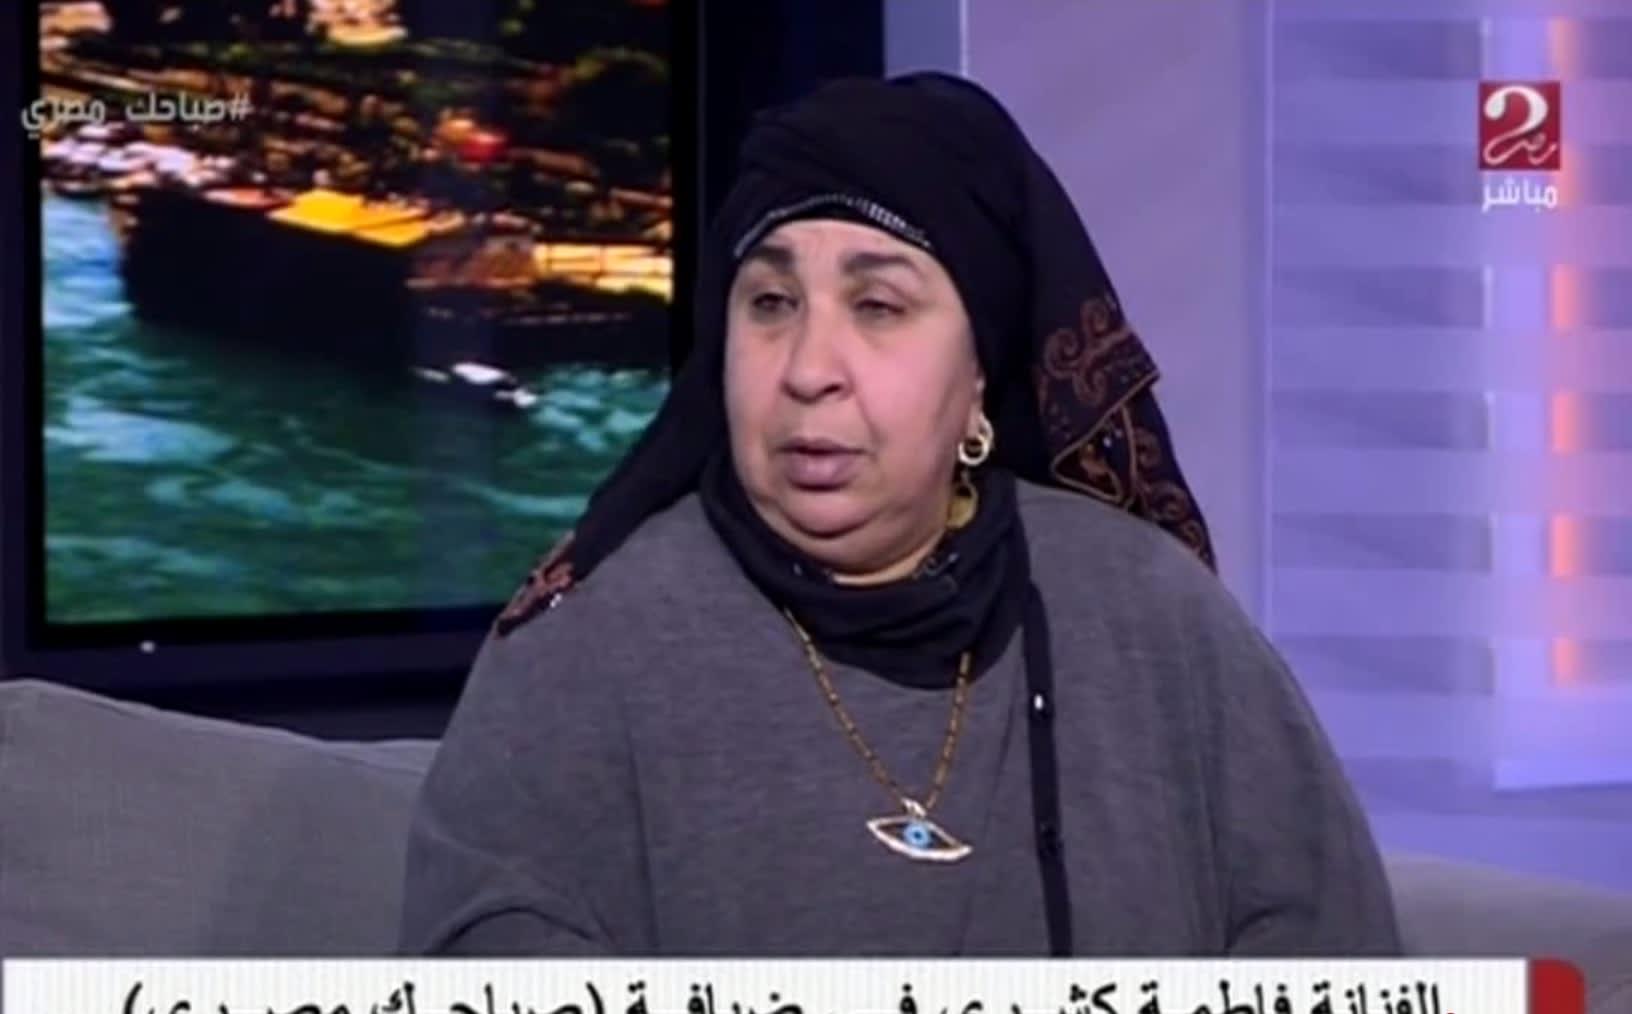 """رسالة غريبة من ممثلة مصرية للسيسي: إلبس """"كلاسين"""" علشان البرد"""